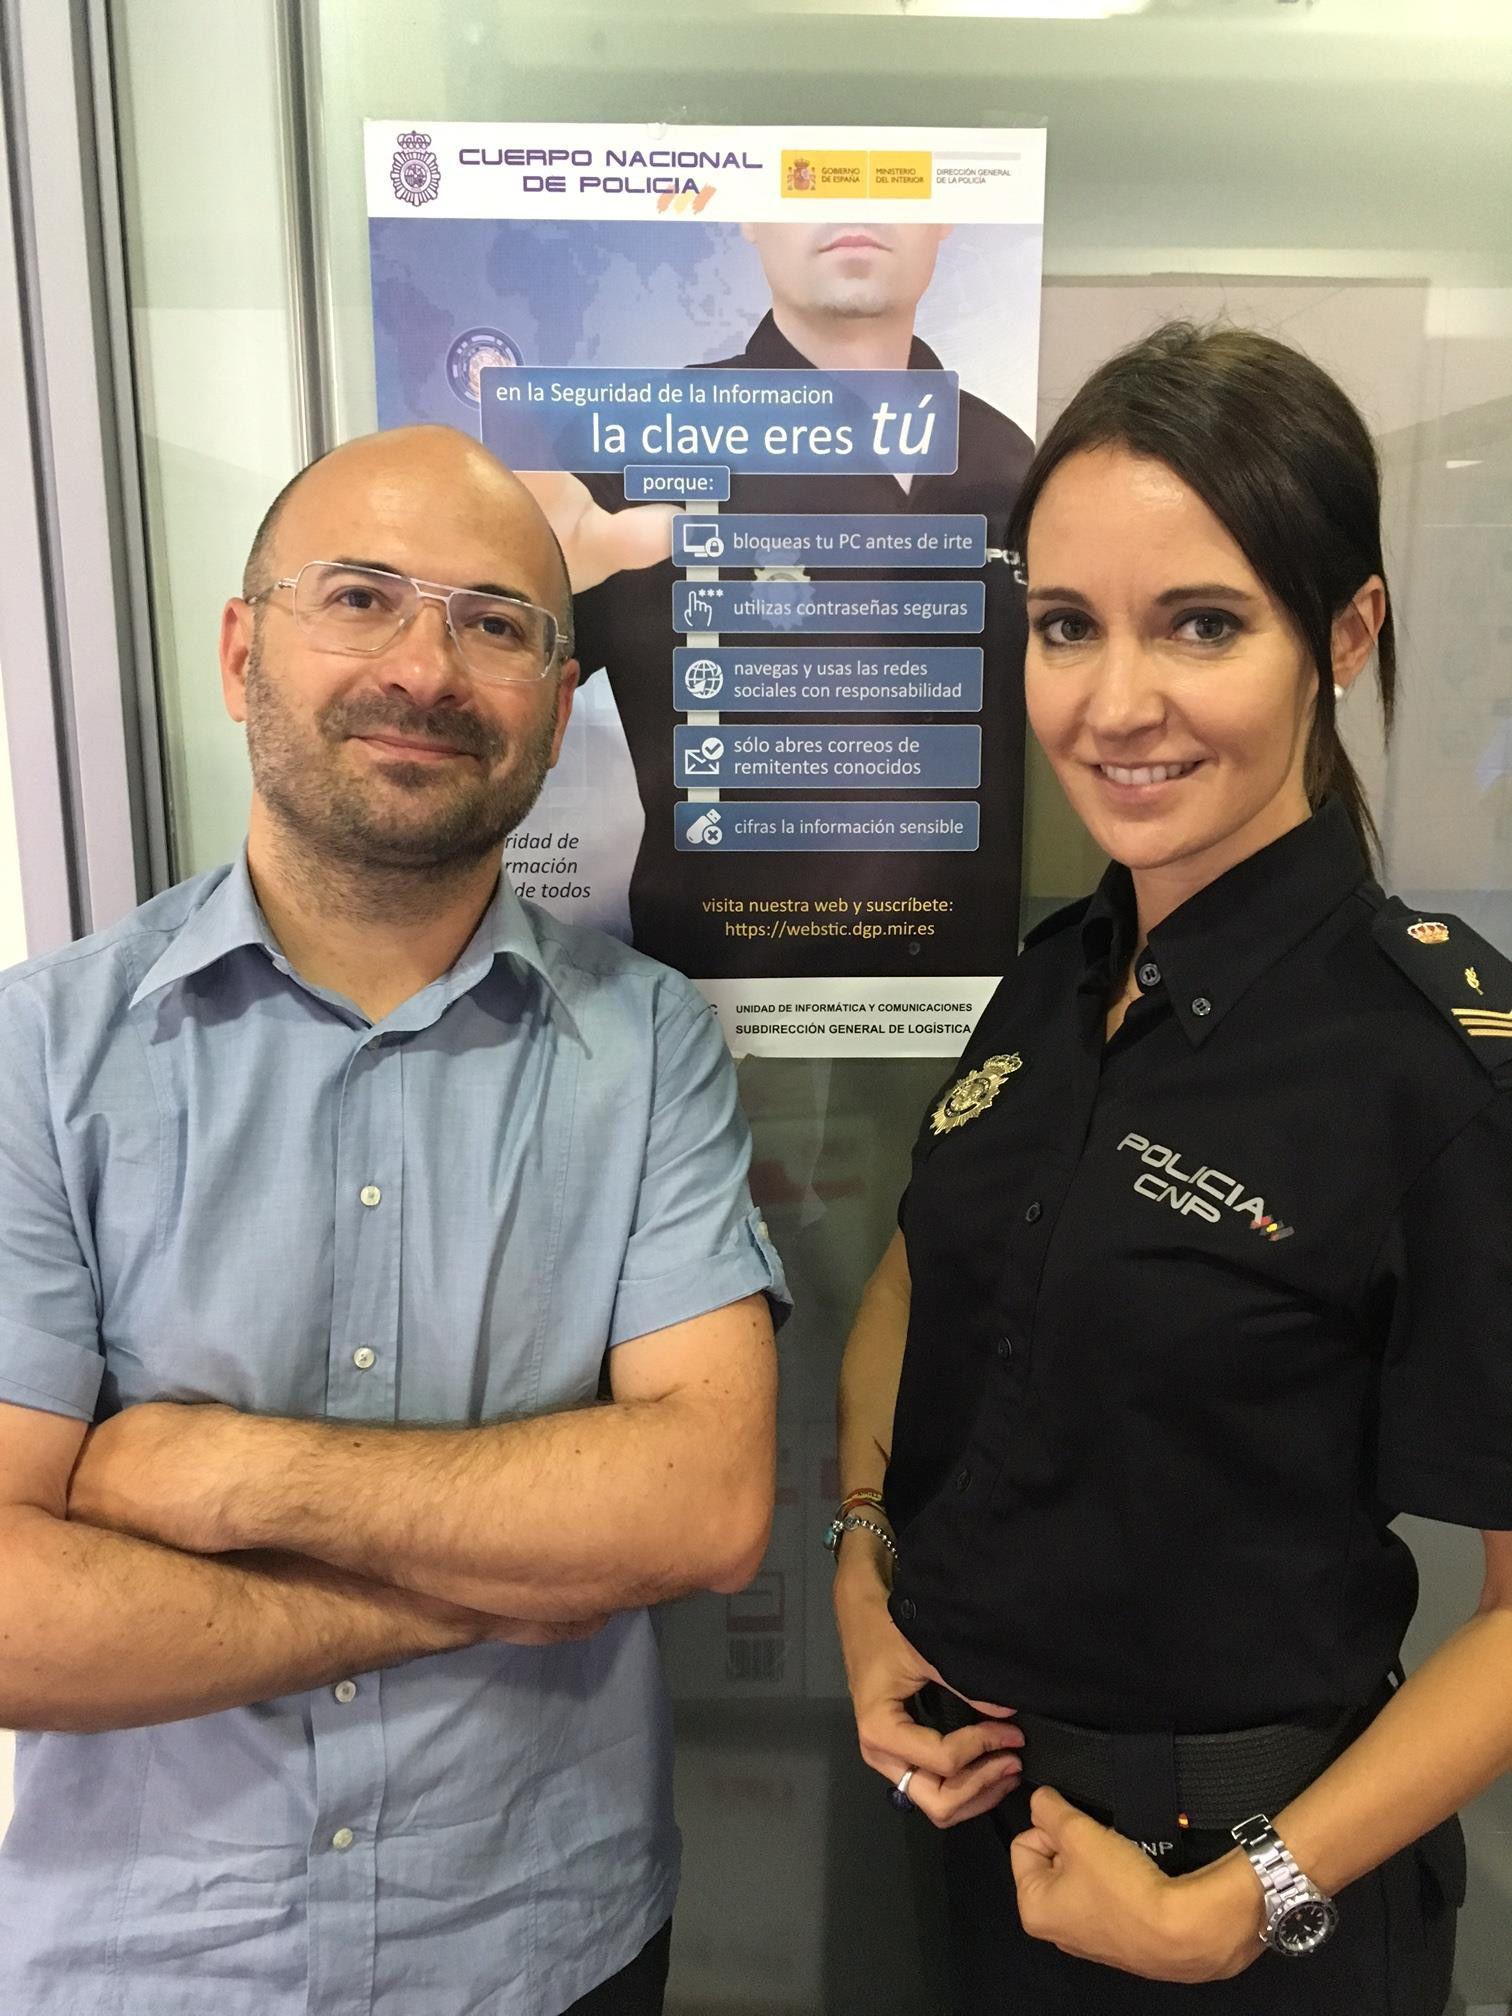 Colaboración de la Universidadqa CEU con la Policía Nacional